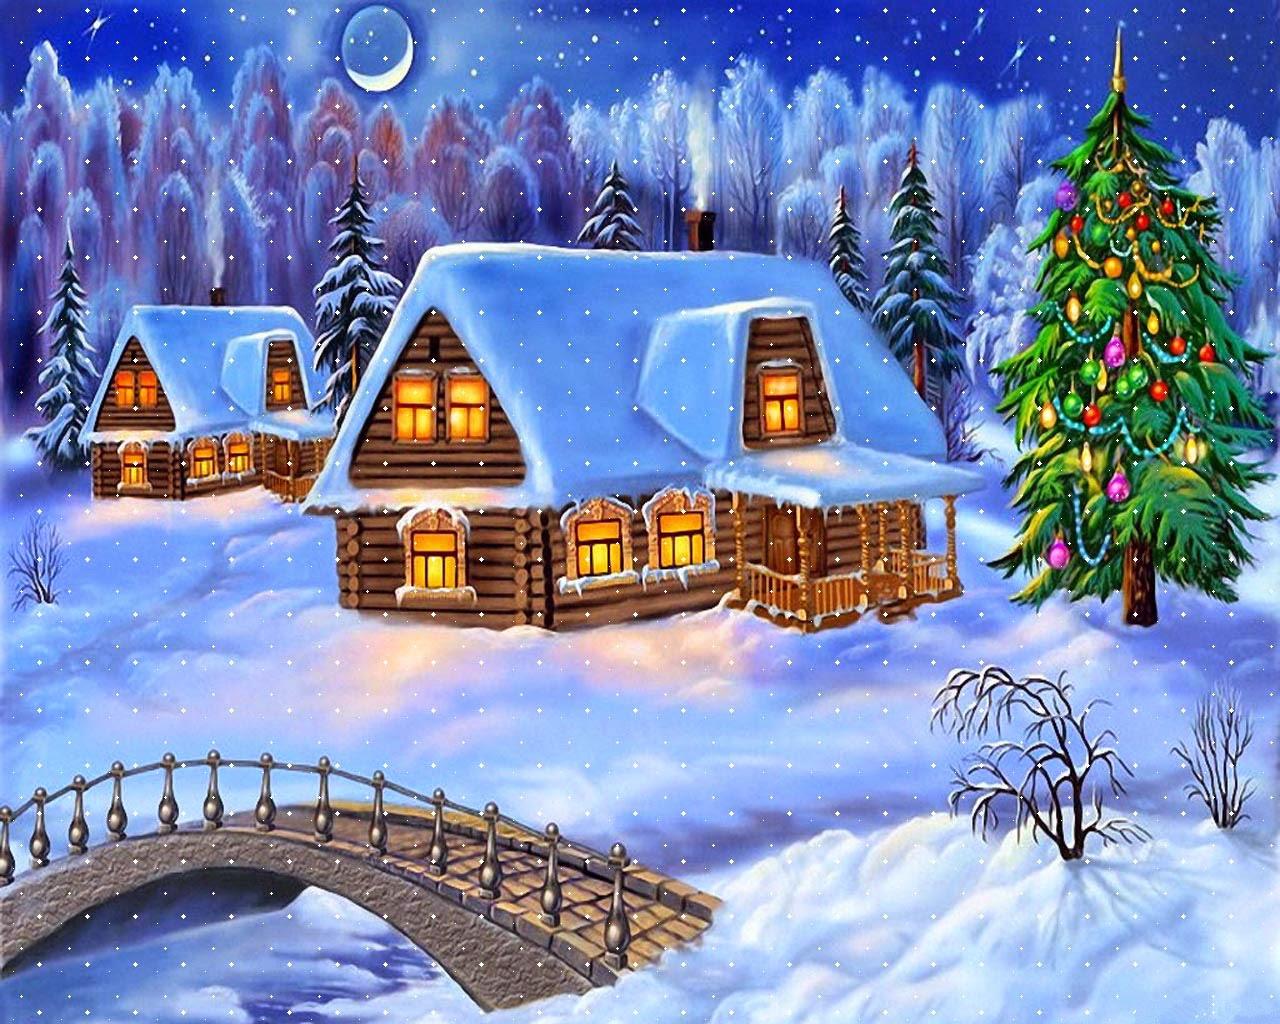 Tải Hình Nền Giáng Sinh Đẹp Nhất